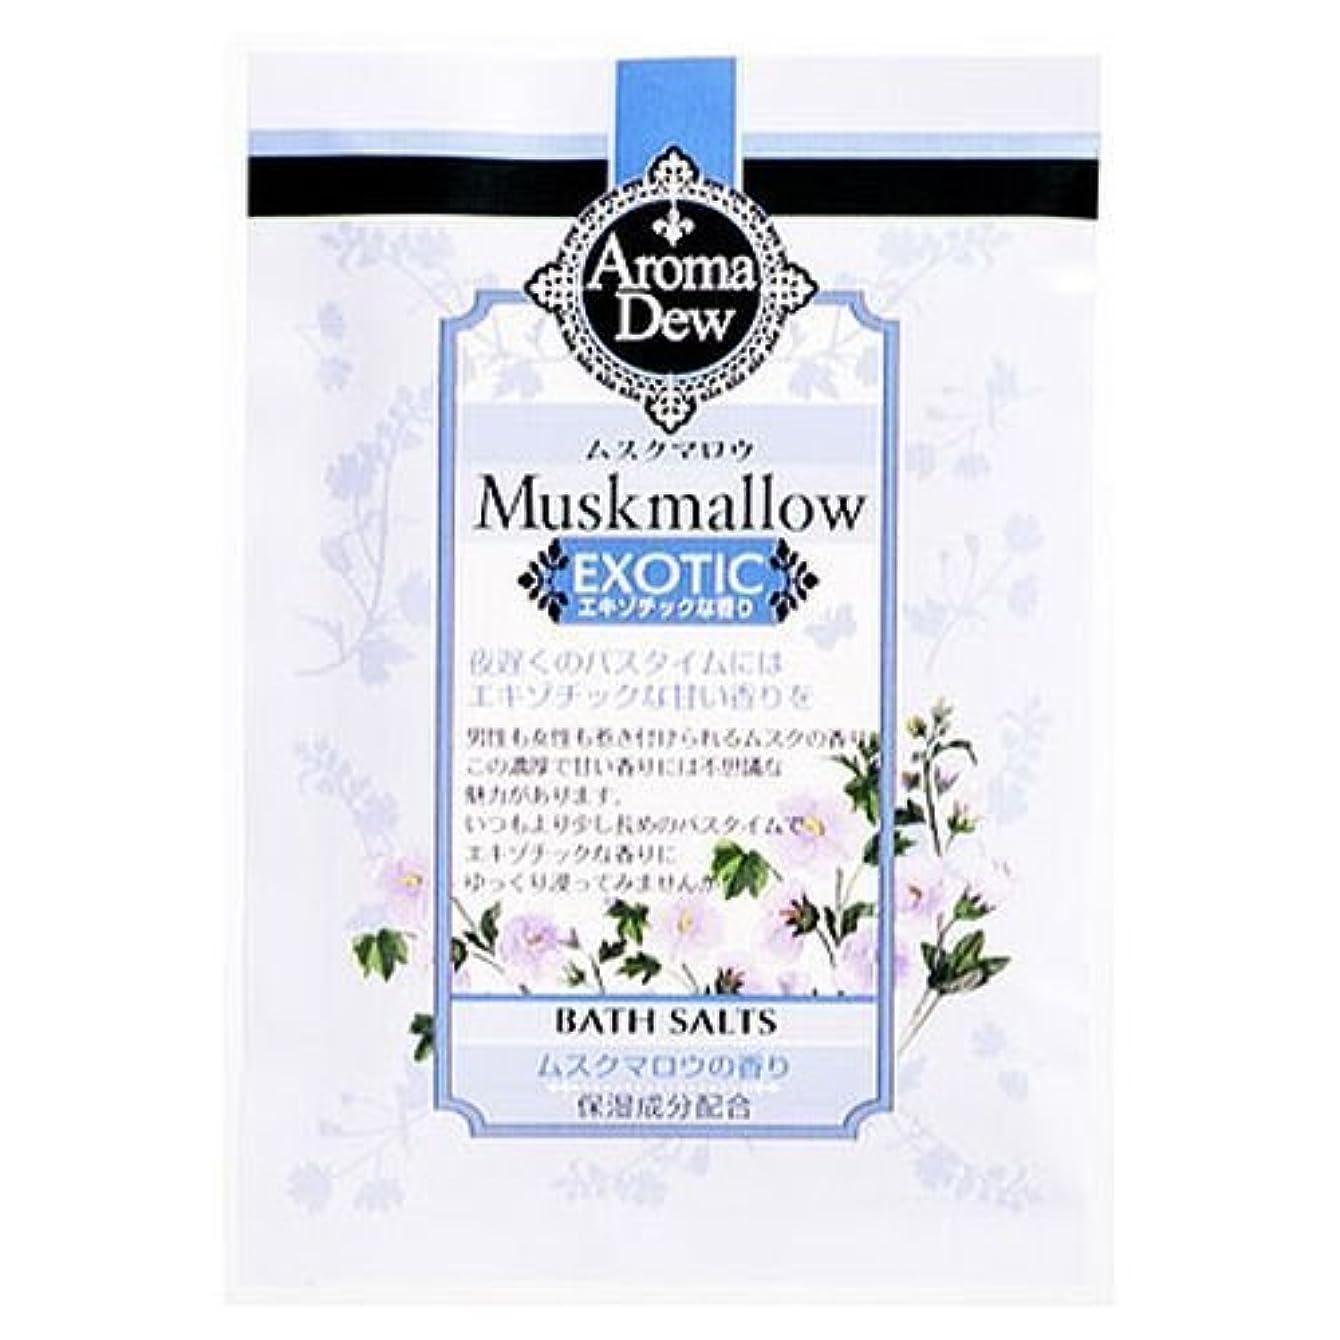 元気虚栄心純粋なクロバーコーポレーション アロマデュウ バスソルト ムスクマロウの香り ムスクマロウ